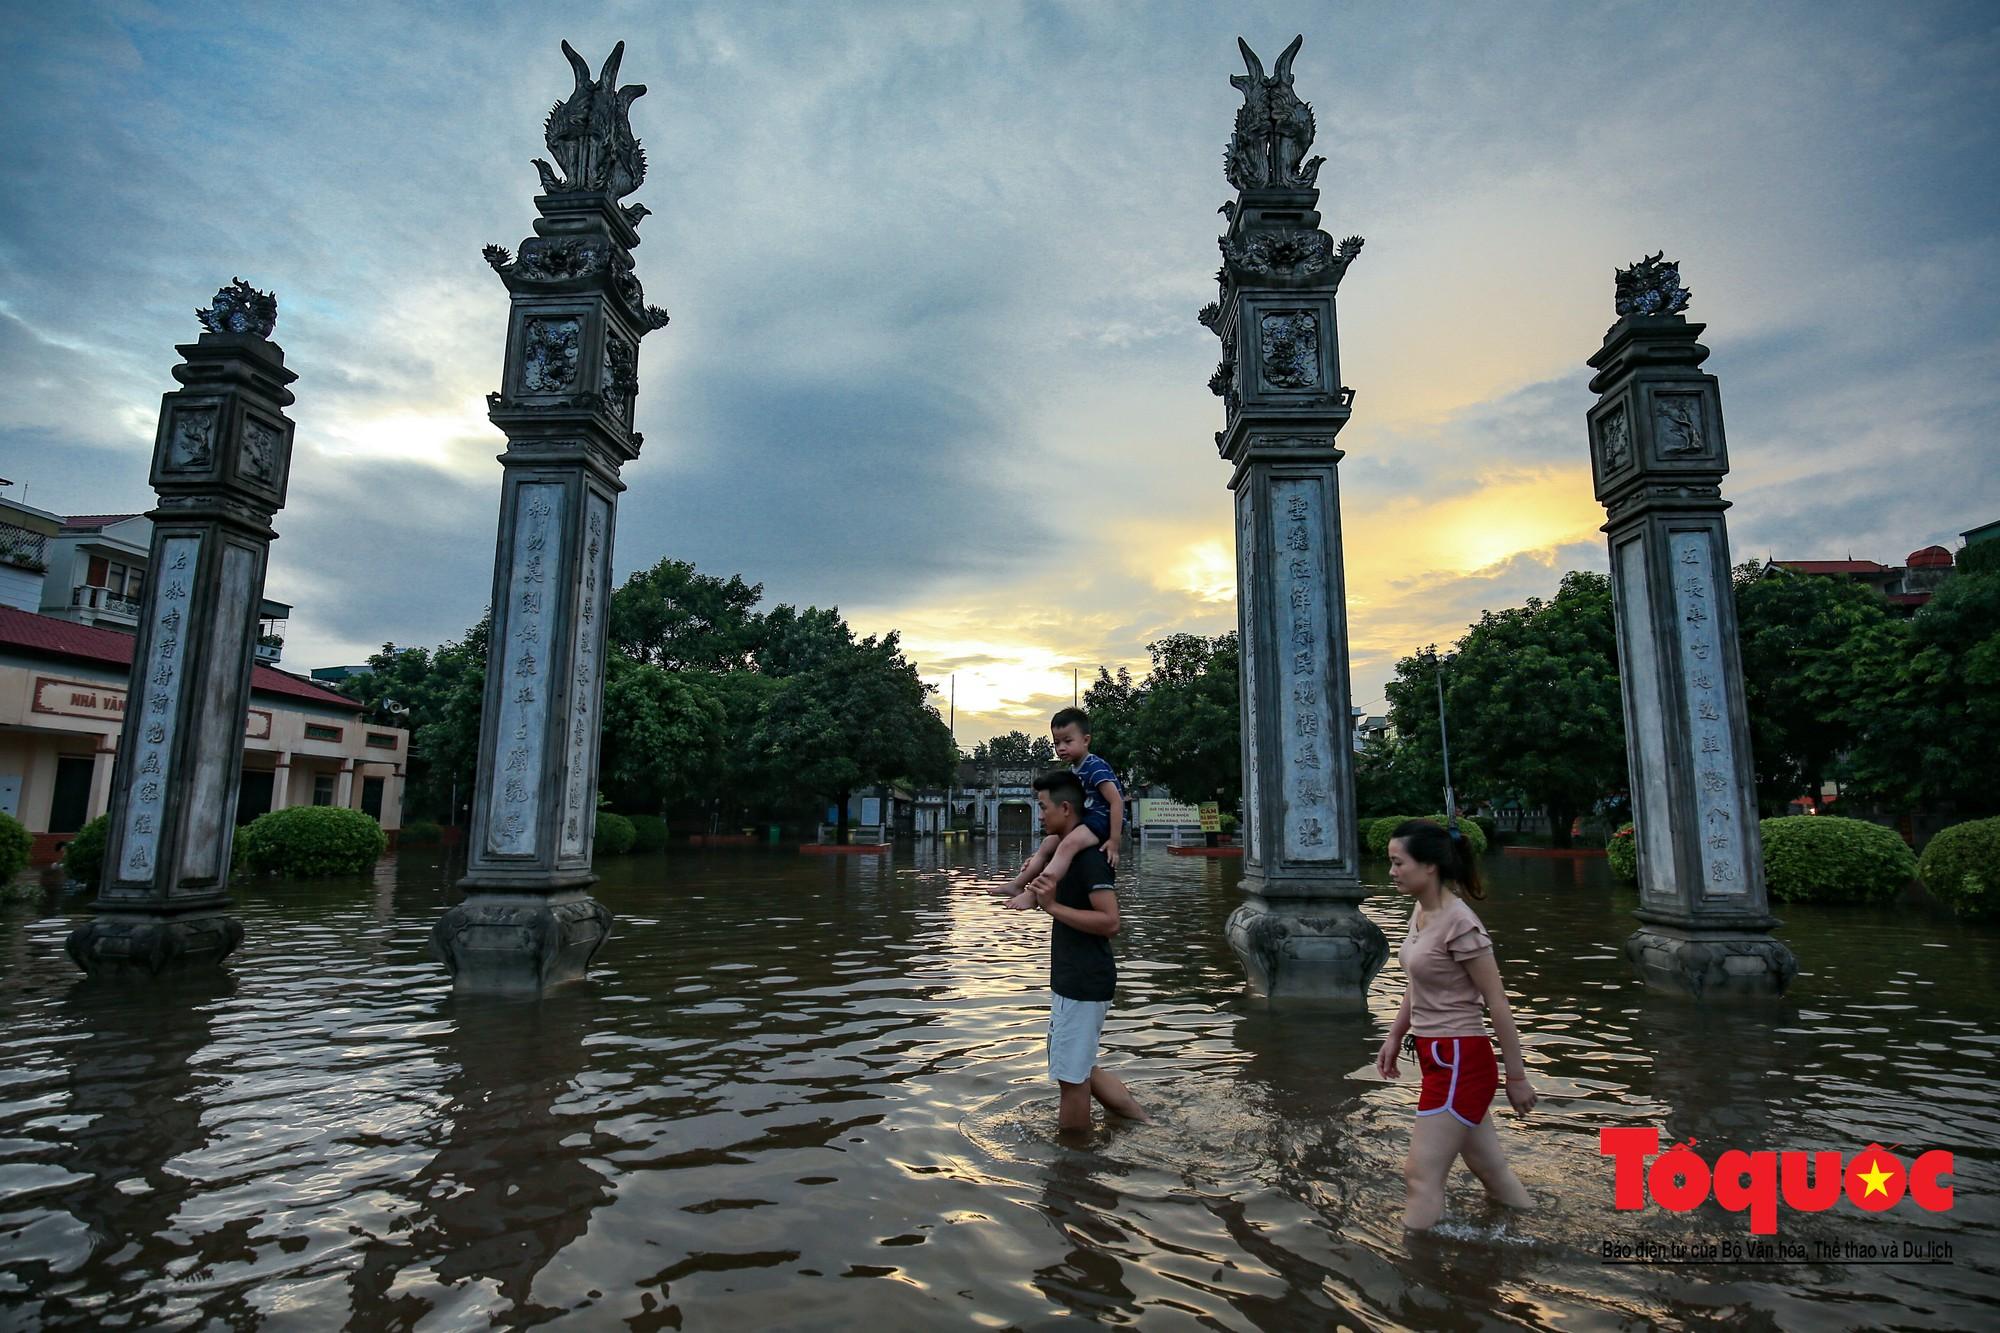 Người dân thủ đô thích thú với công viên nước bất đắc dĩ trong sân đình26